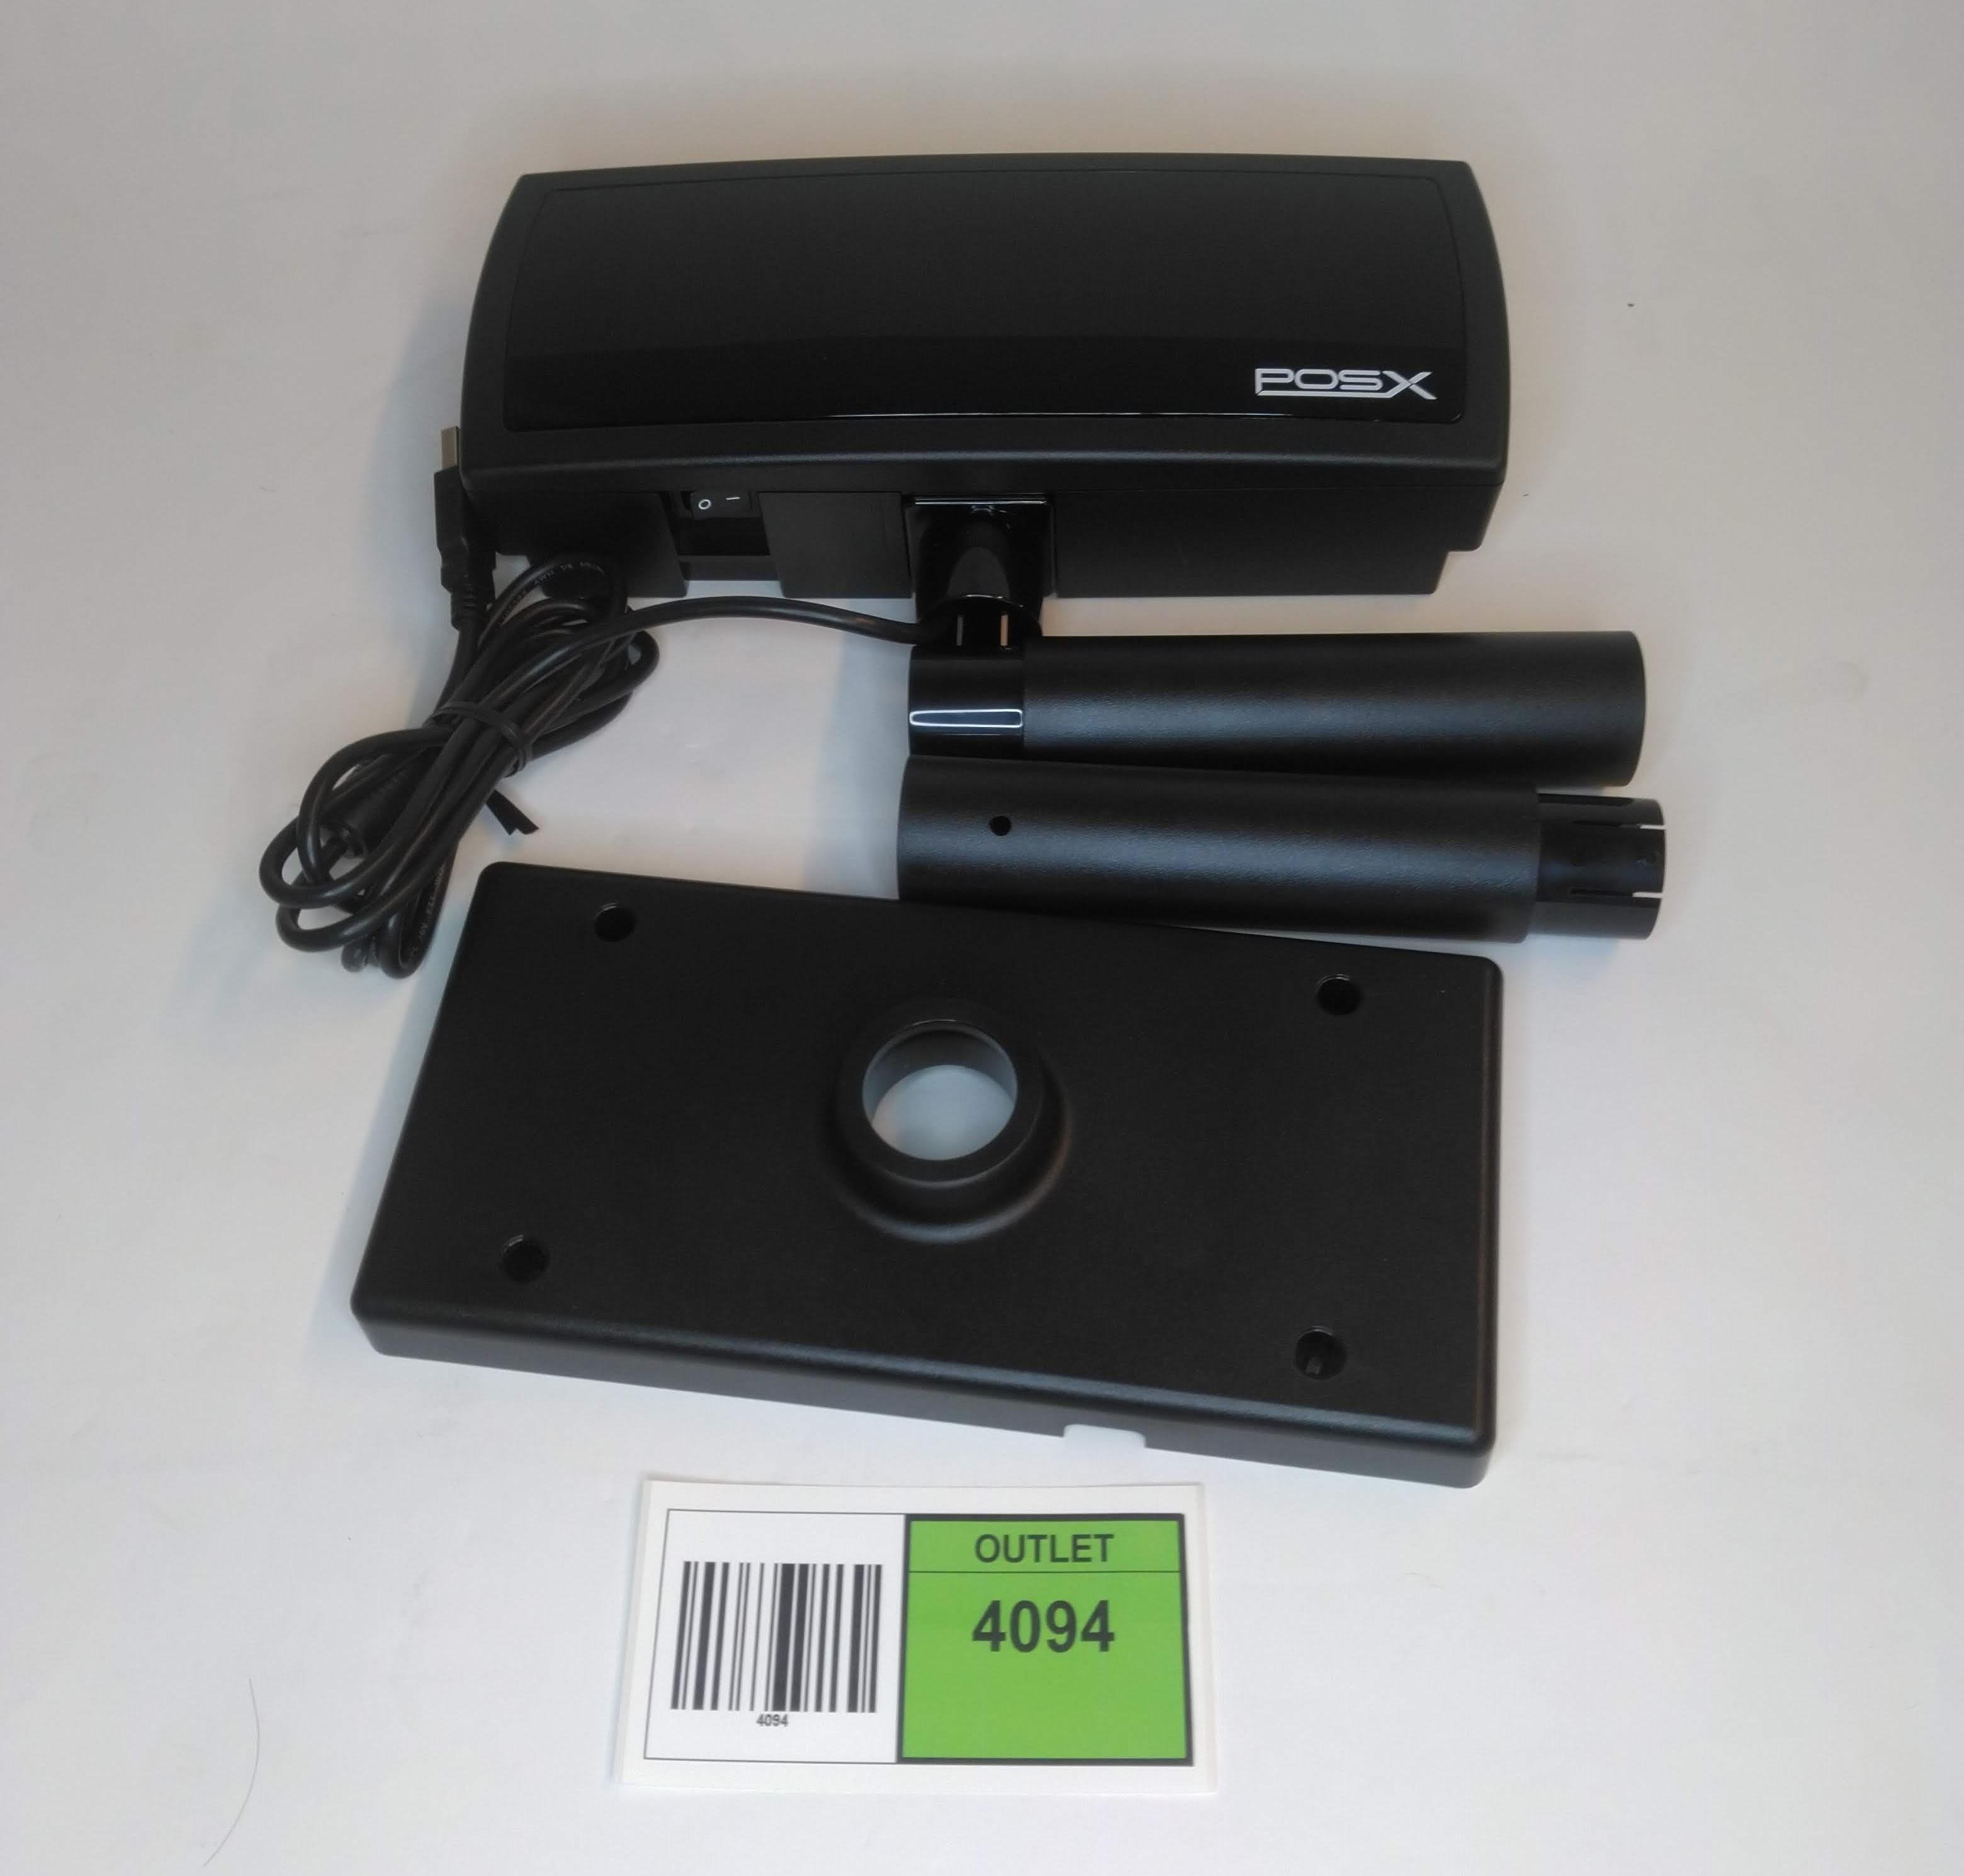 POS-X XP8200 Pole Display 932AD022400133 Image 1